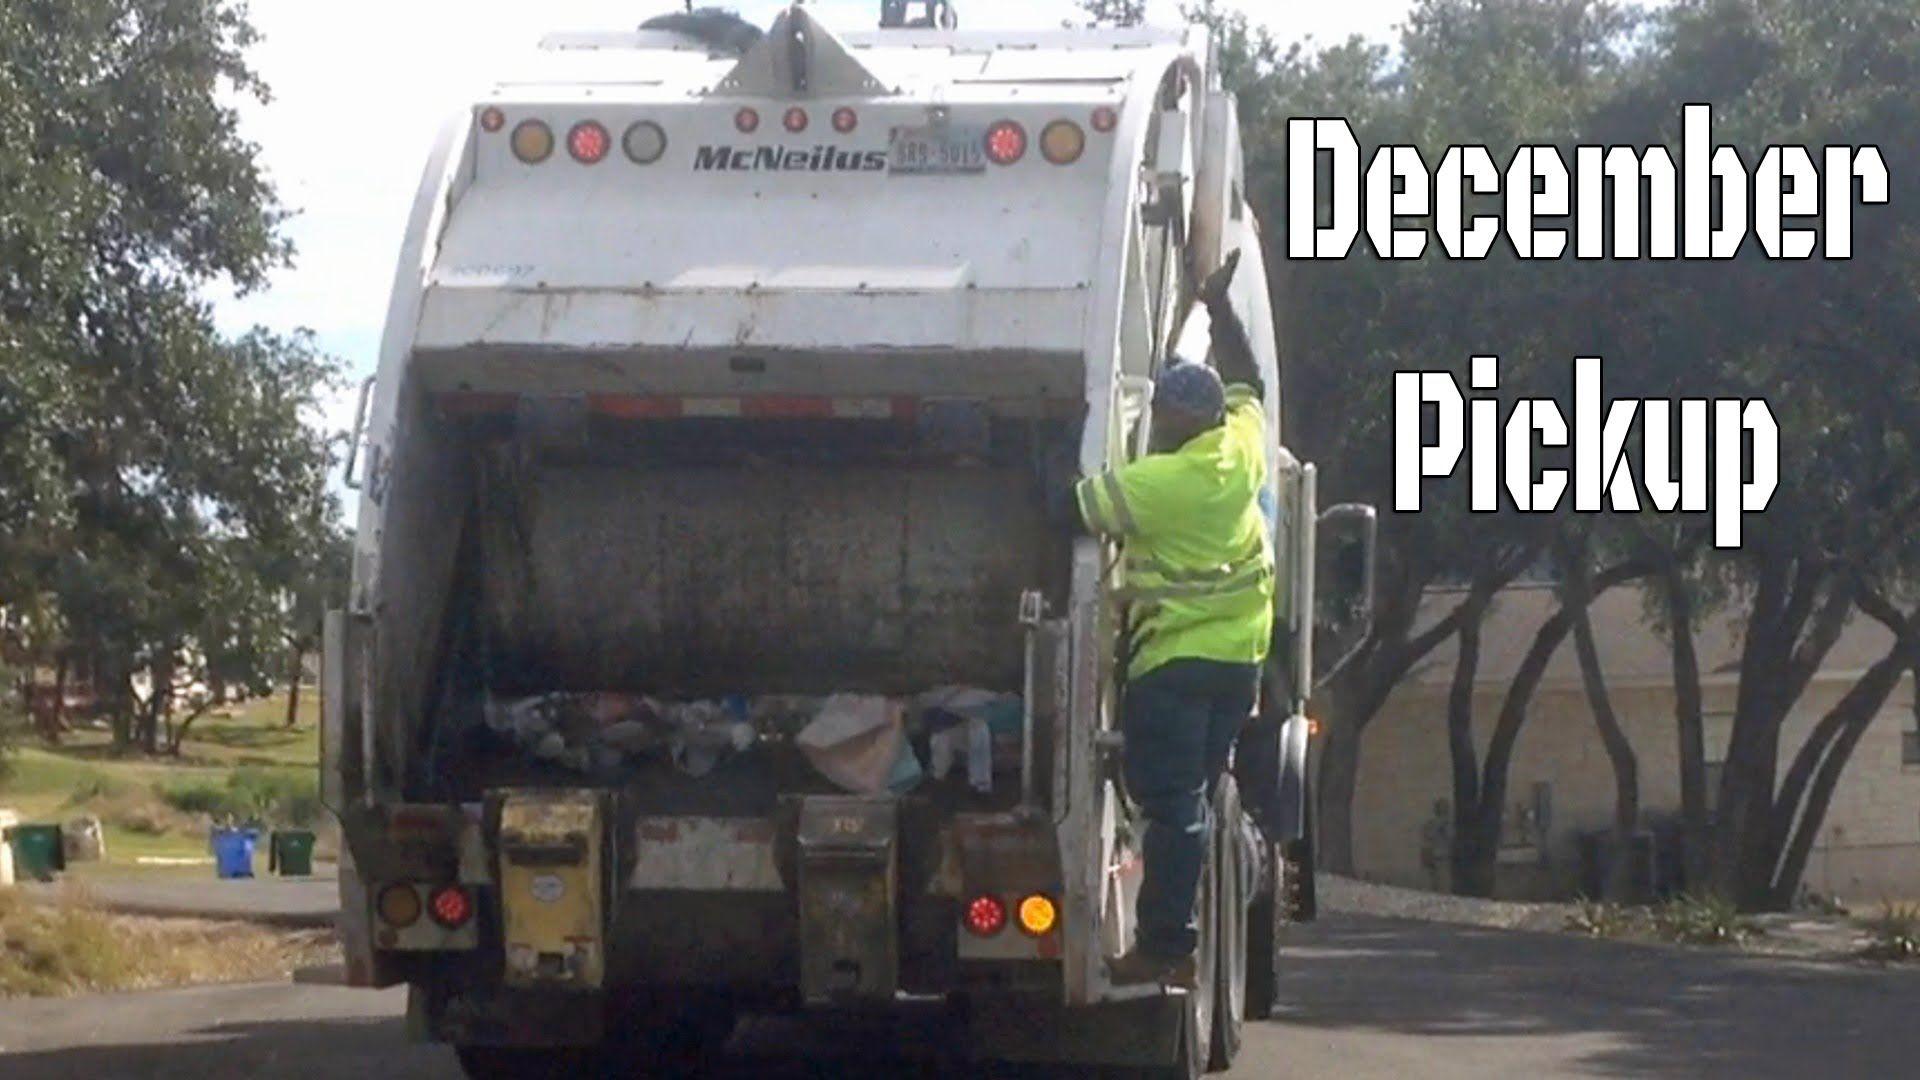 Garbage Truck Video December Trash Pick Up Rear Loader